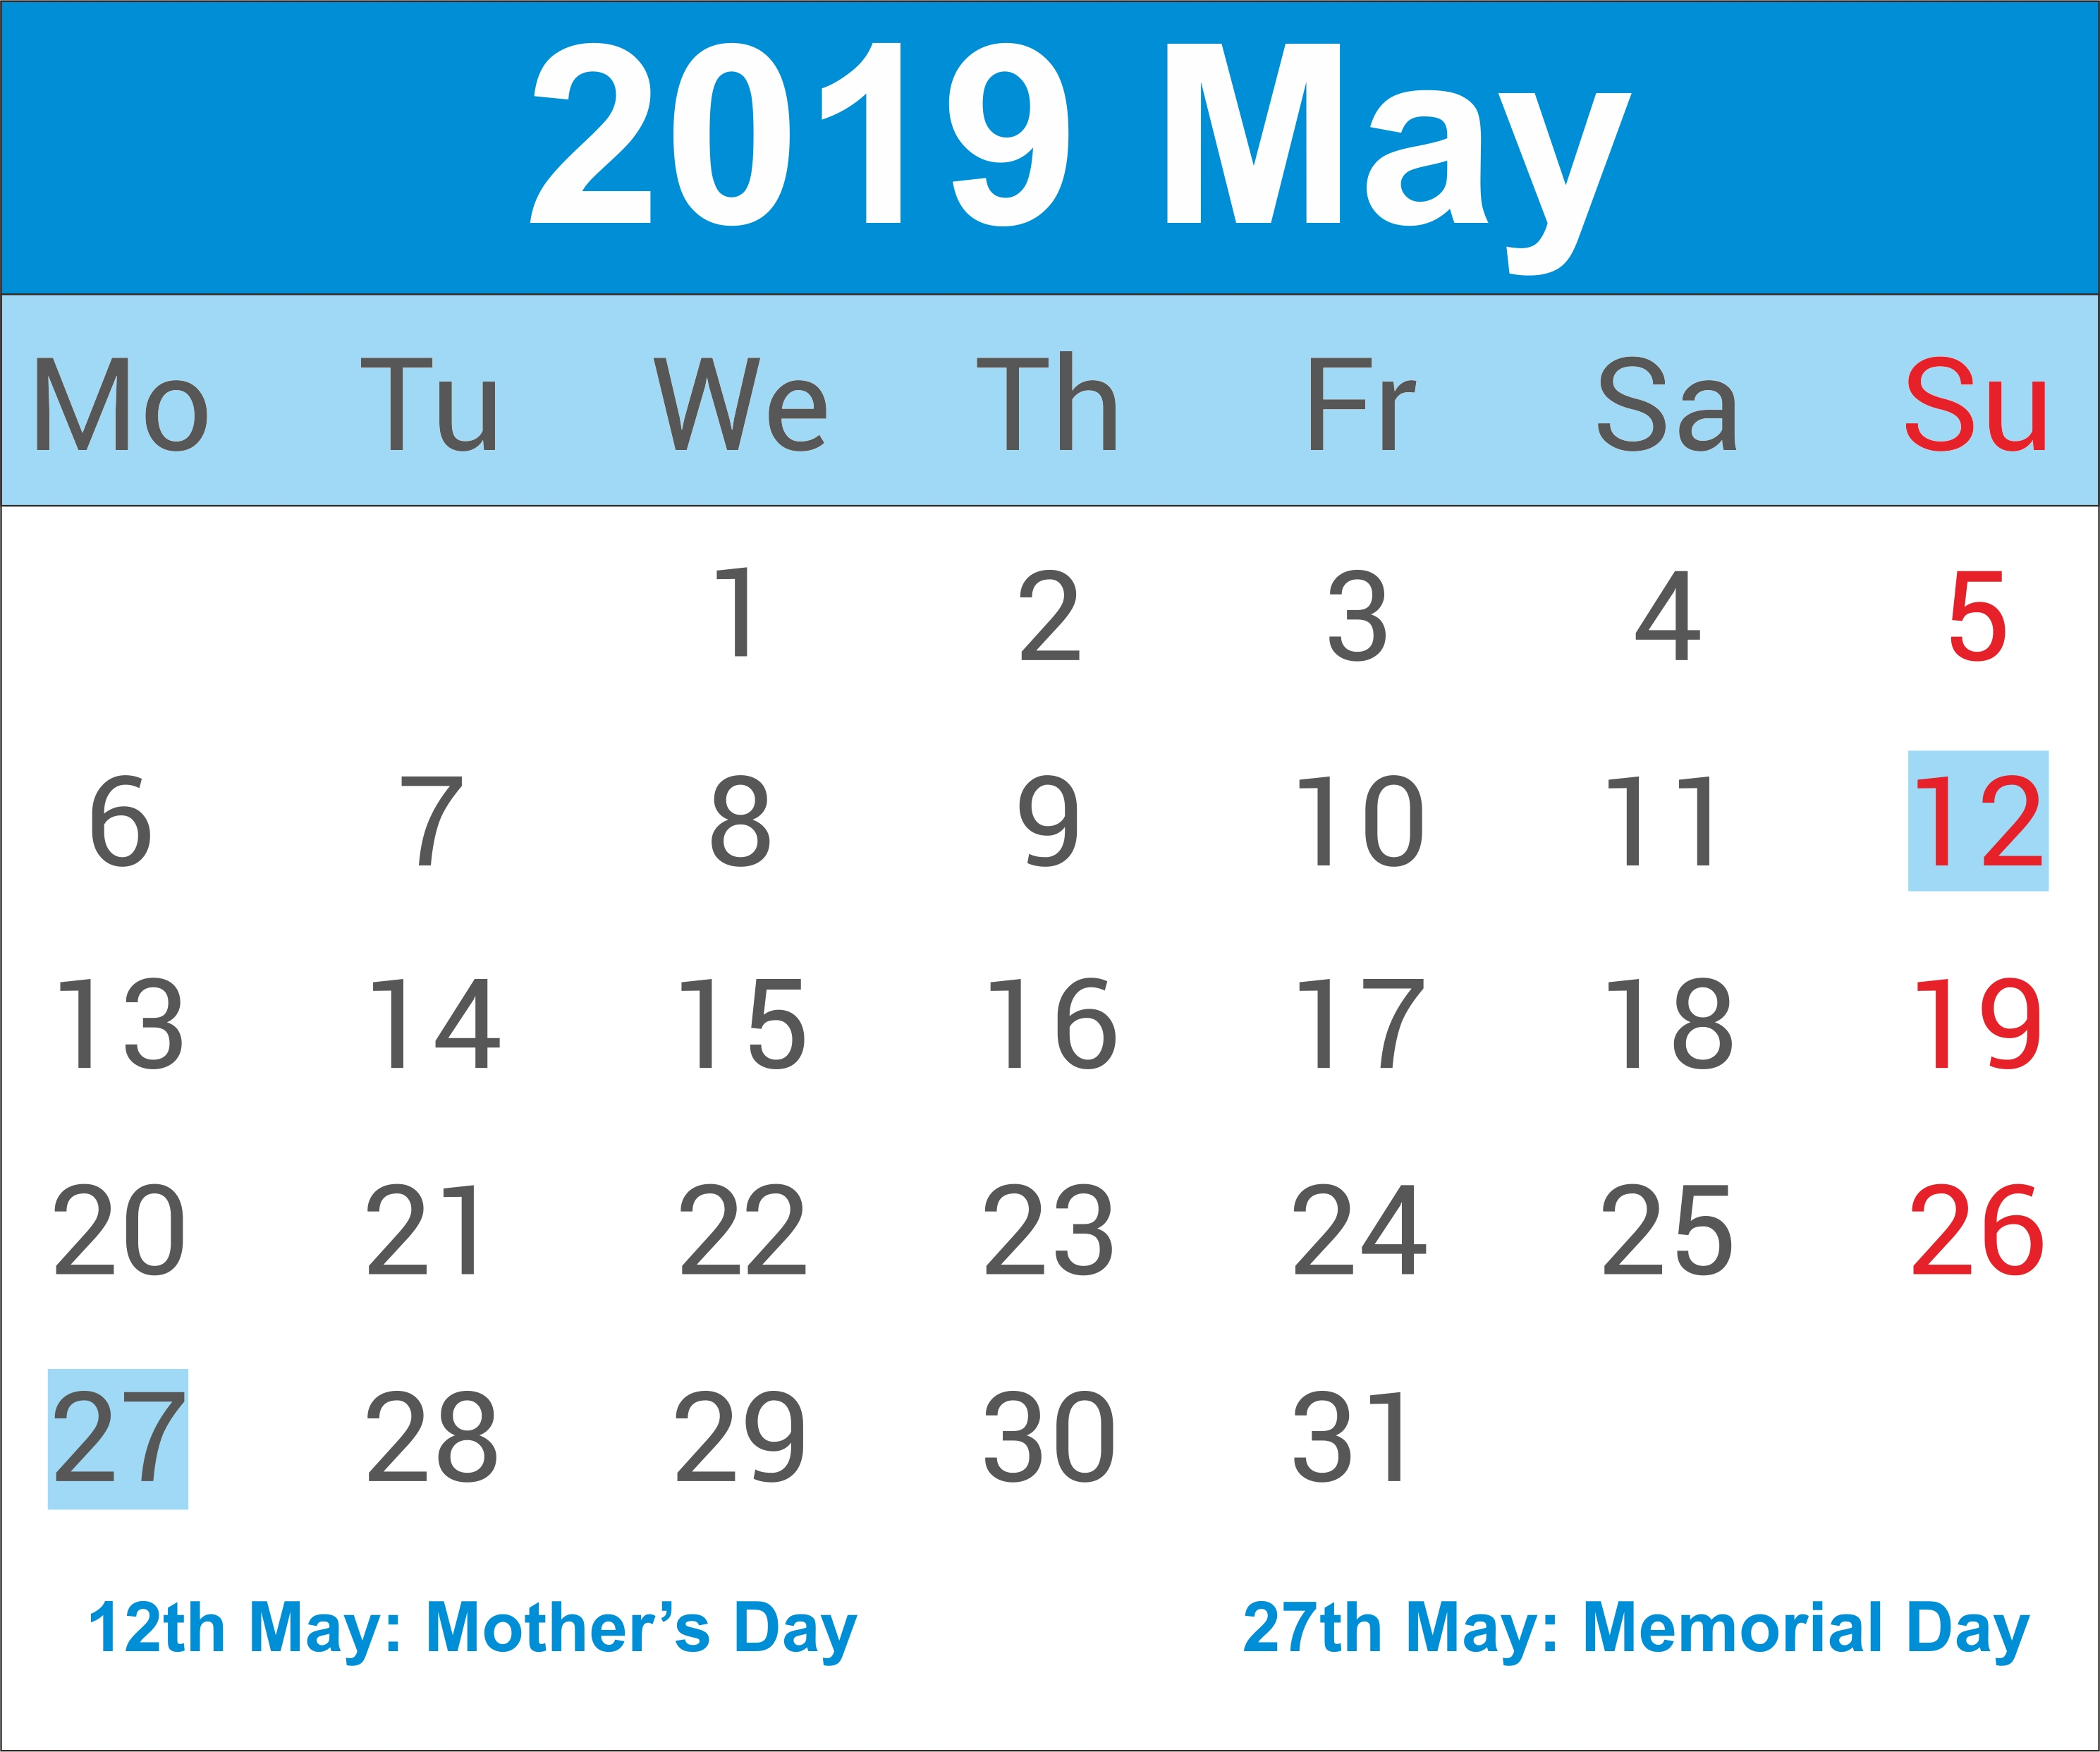 May 2019 Calendar   May Calendar 2019, May 2019 Printable Calendar May 6 2019 Calendar